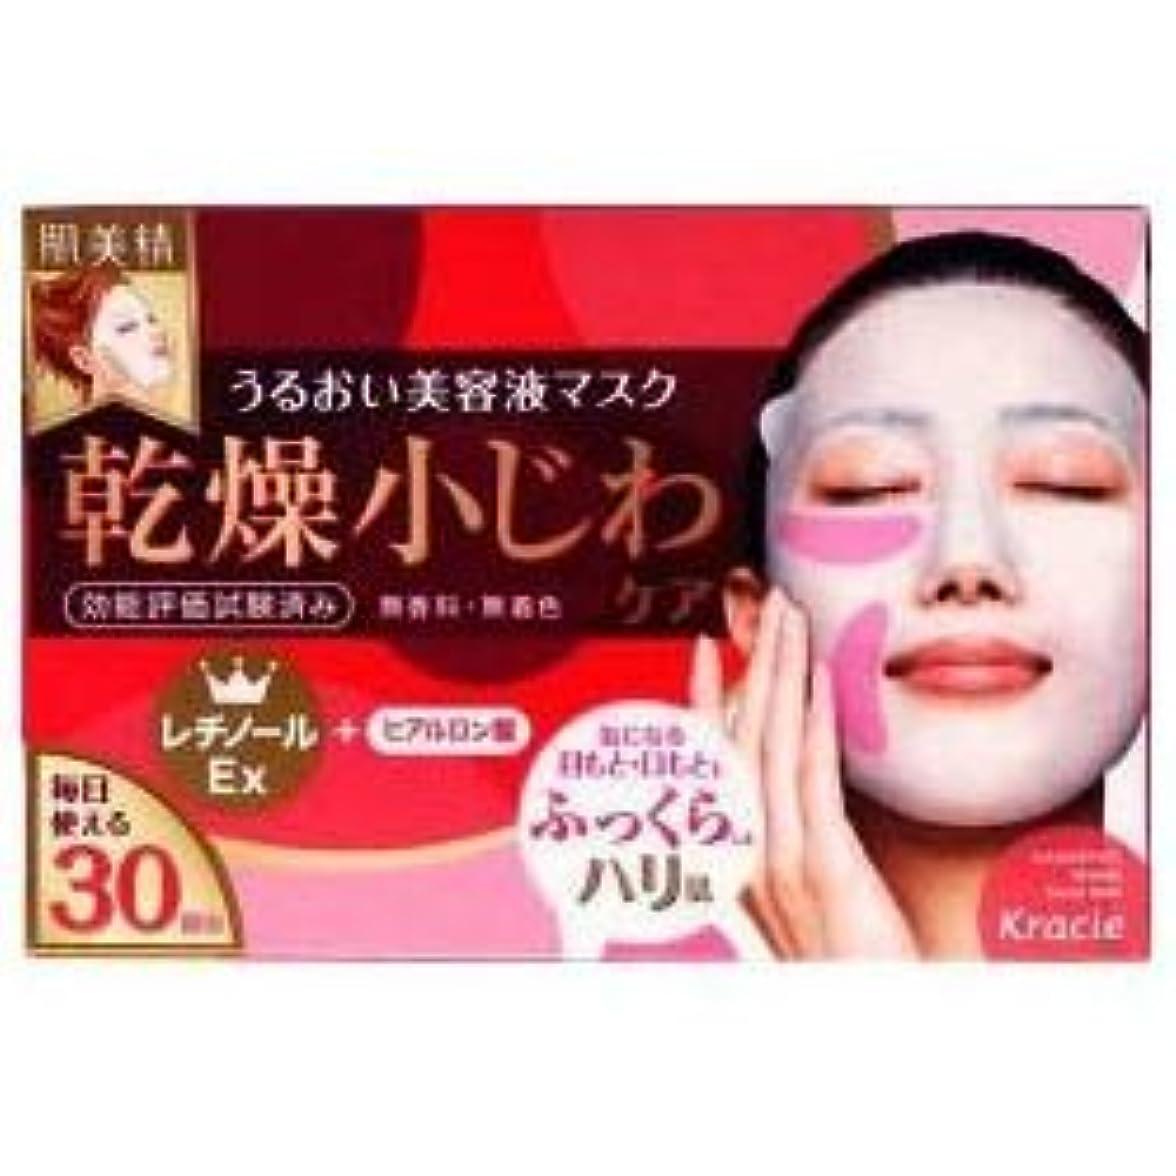 ナース中間国際【クラシエ】肌美精 デイリーリンクルケア美容液マスク 30枚 ×5個セット